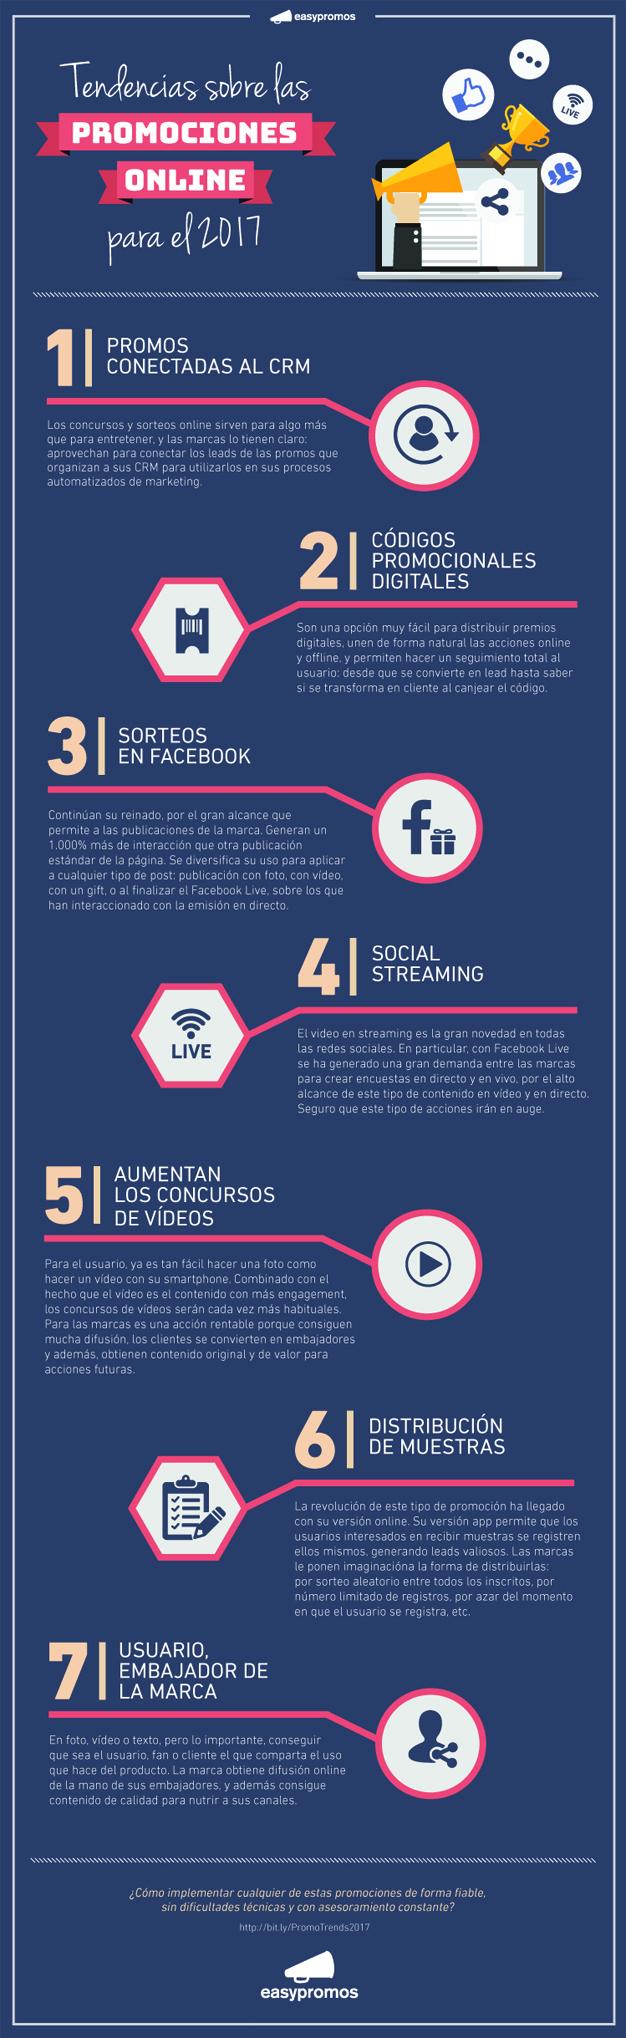 infografia-tendencias-promociones-online